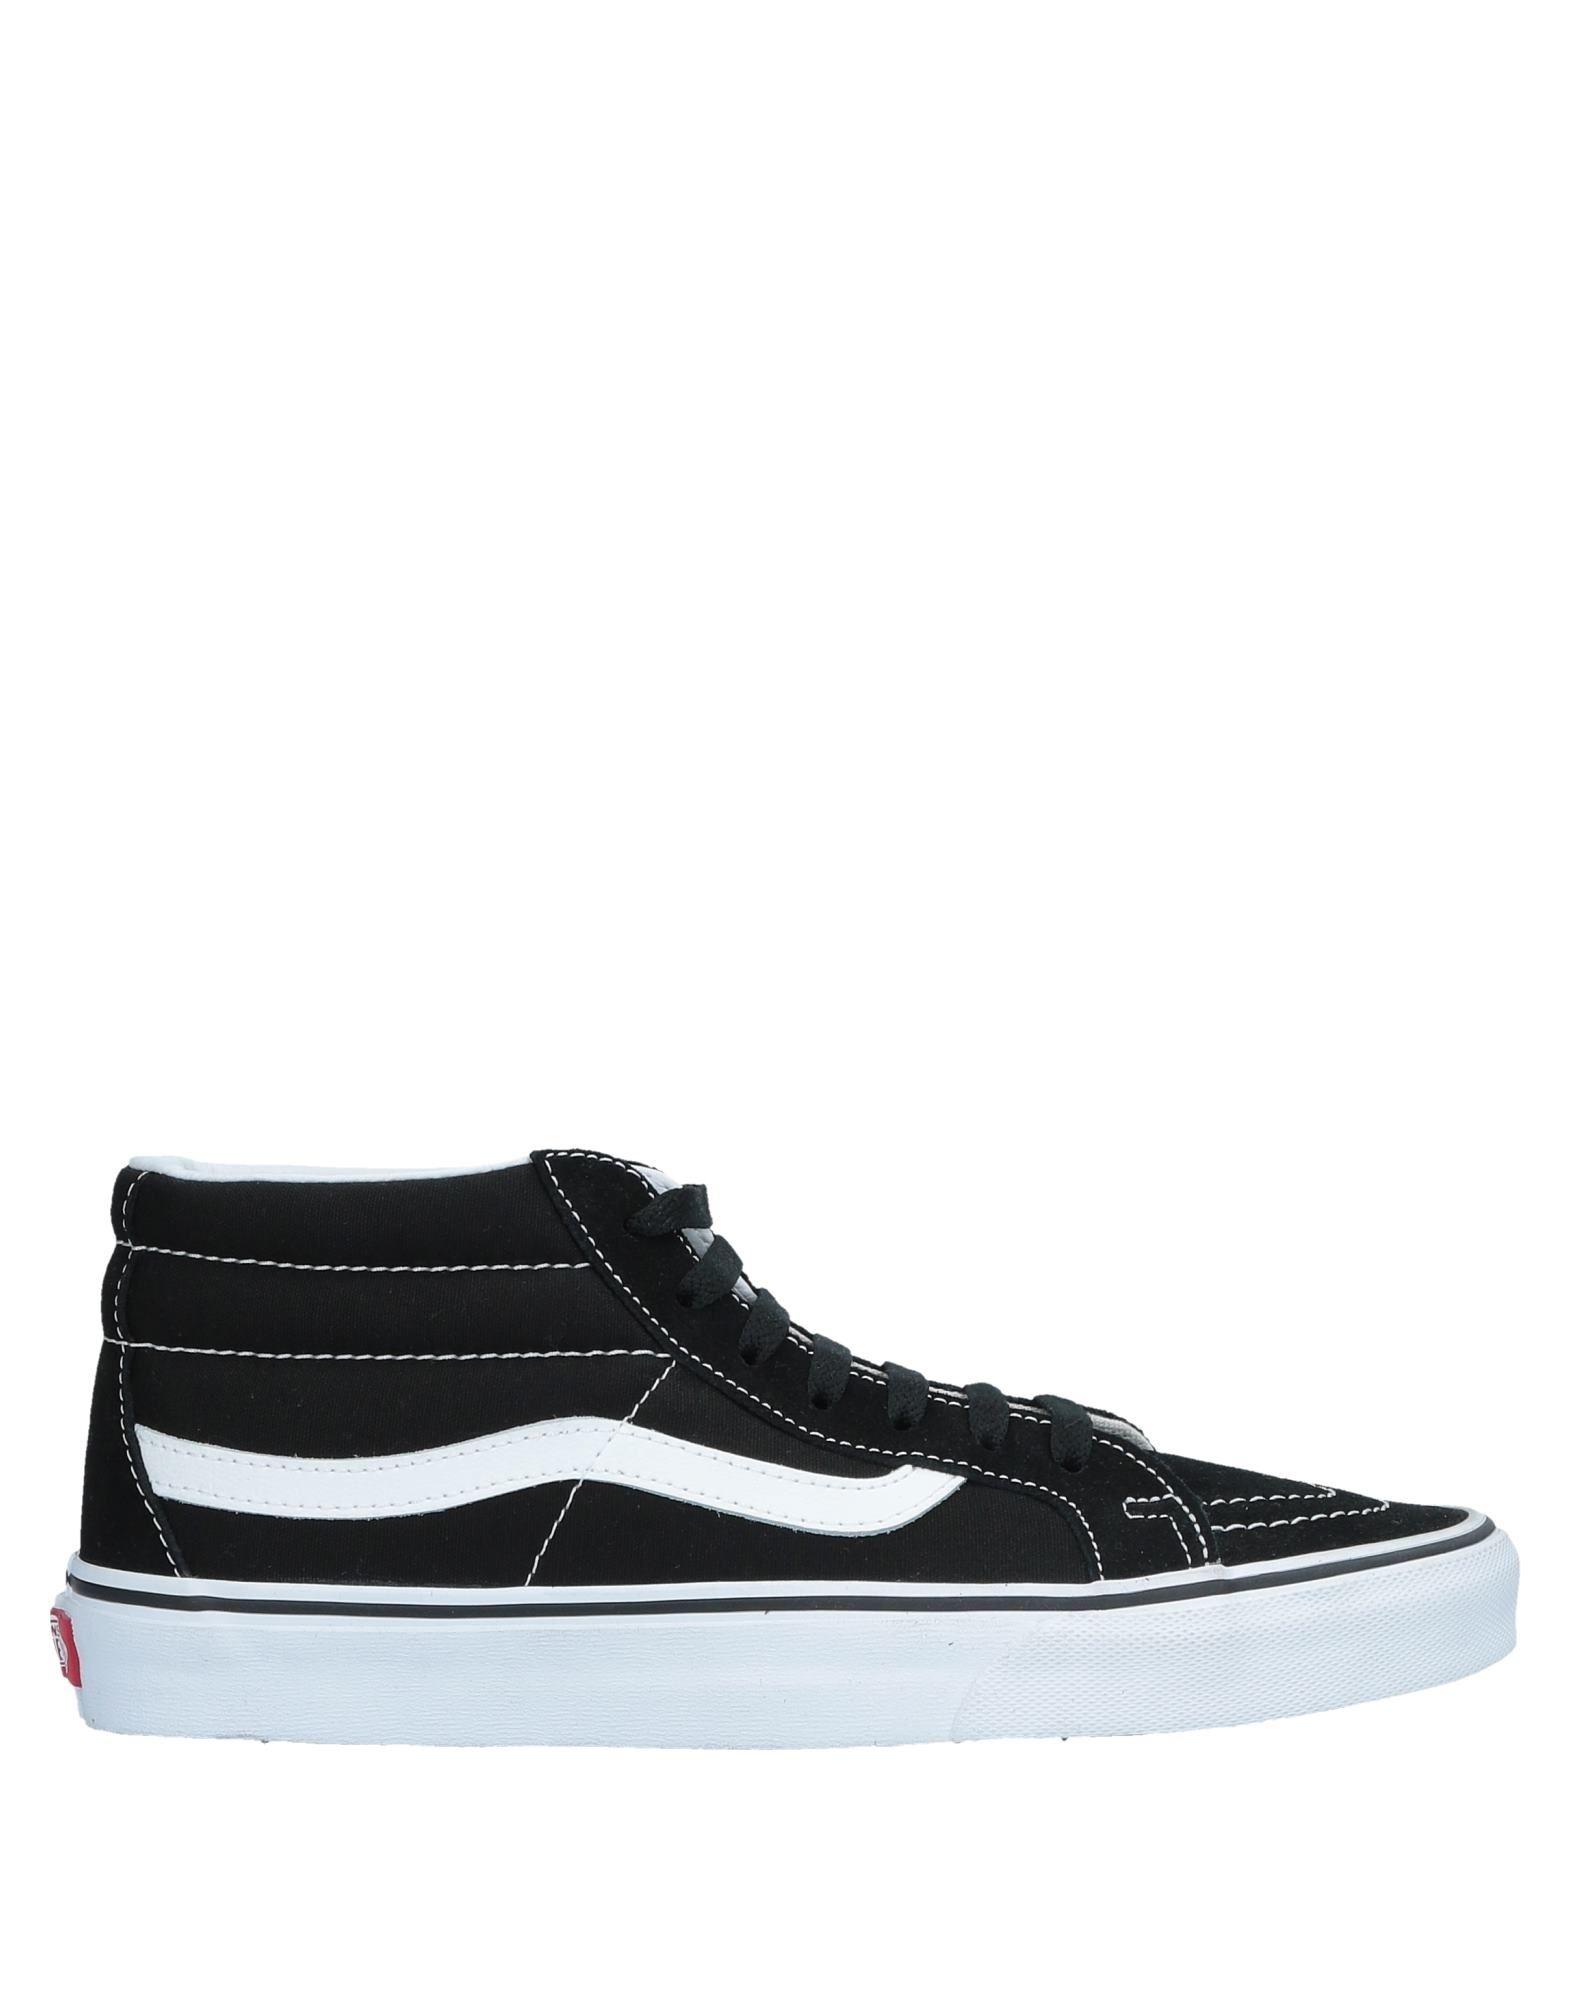 Rabatt echte Schuhe Vans Sneakers Herren  11524980NV